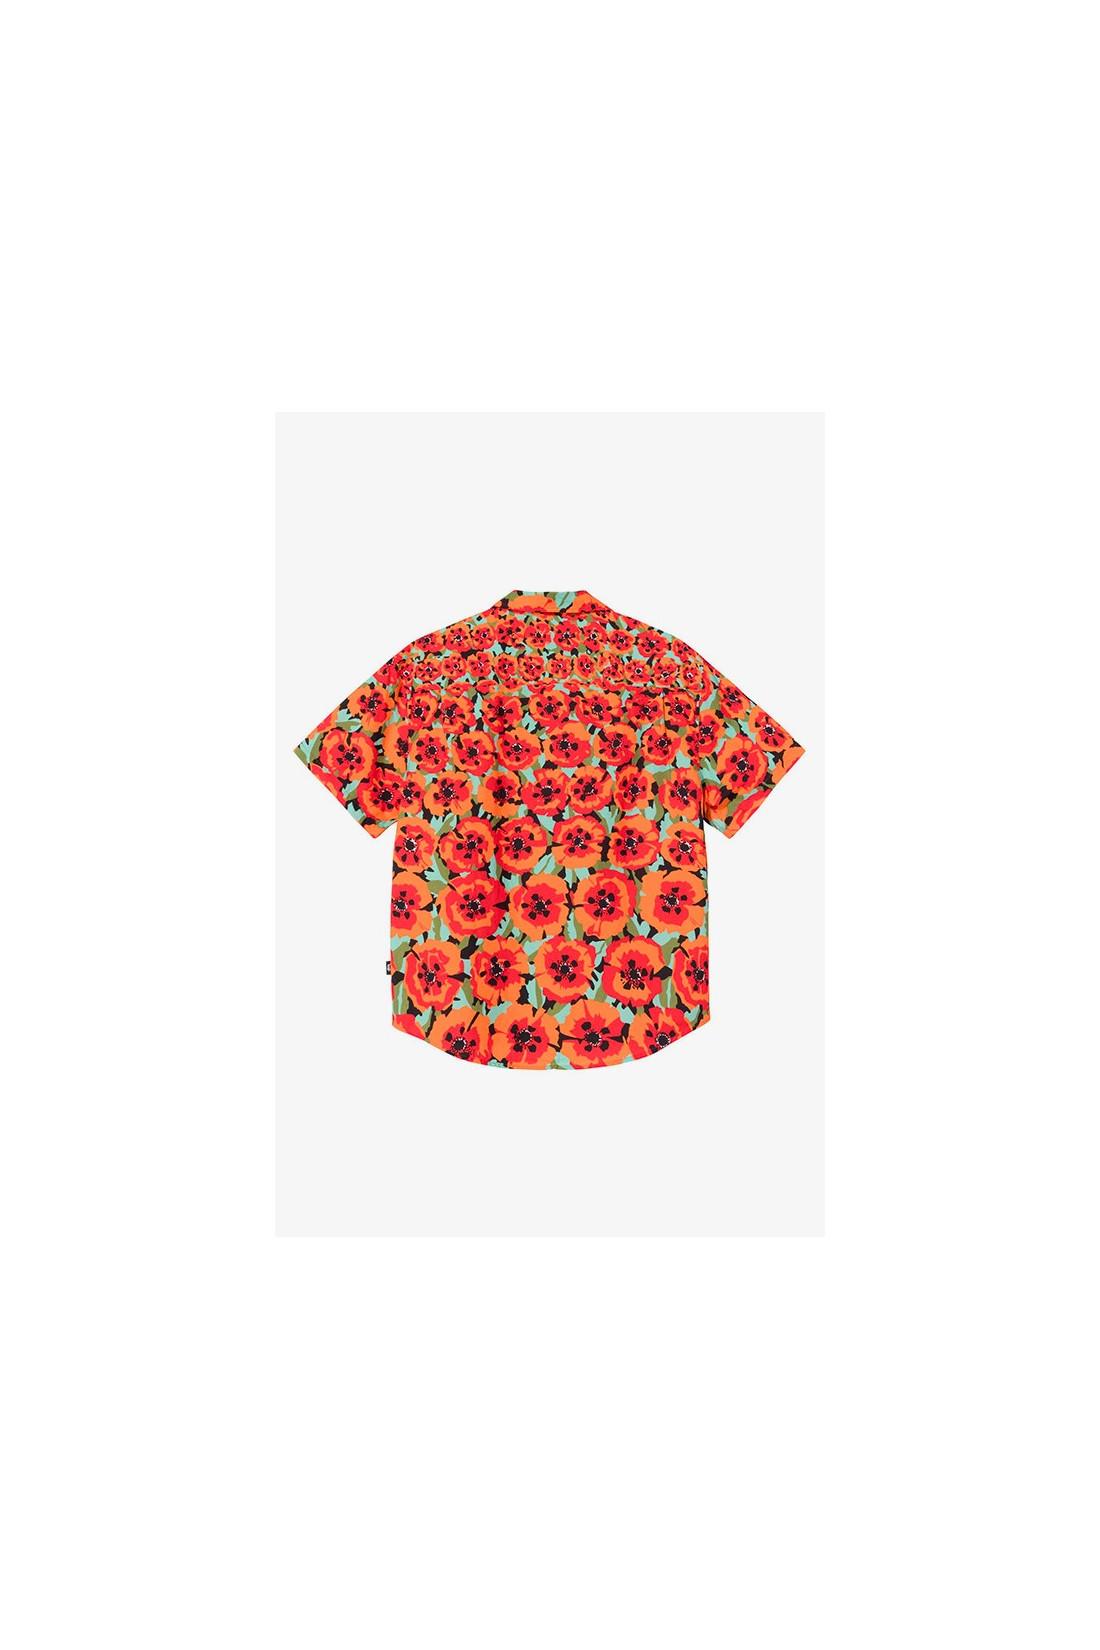 STUSSY / Poppy shirt Orange